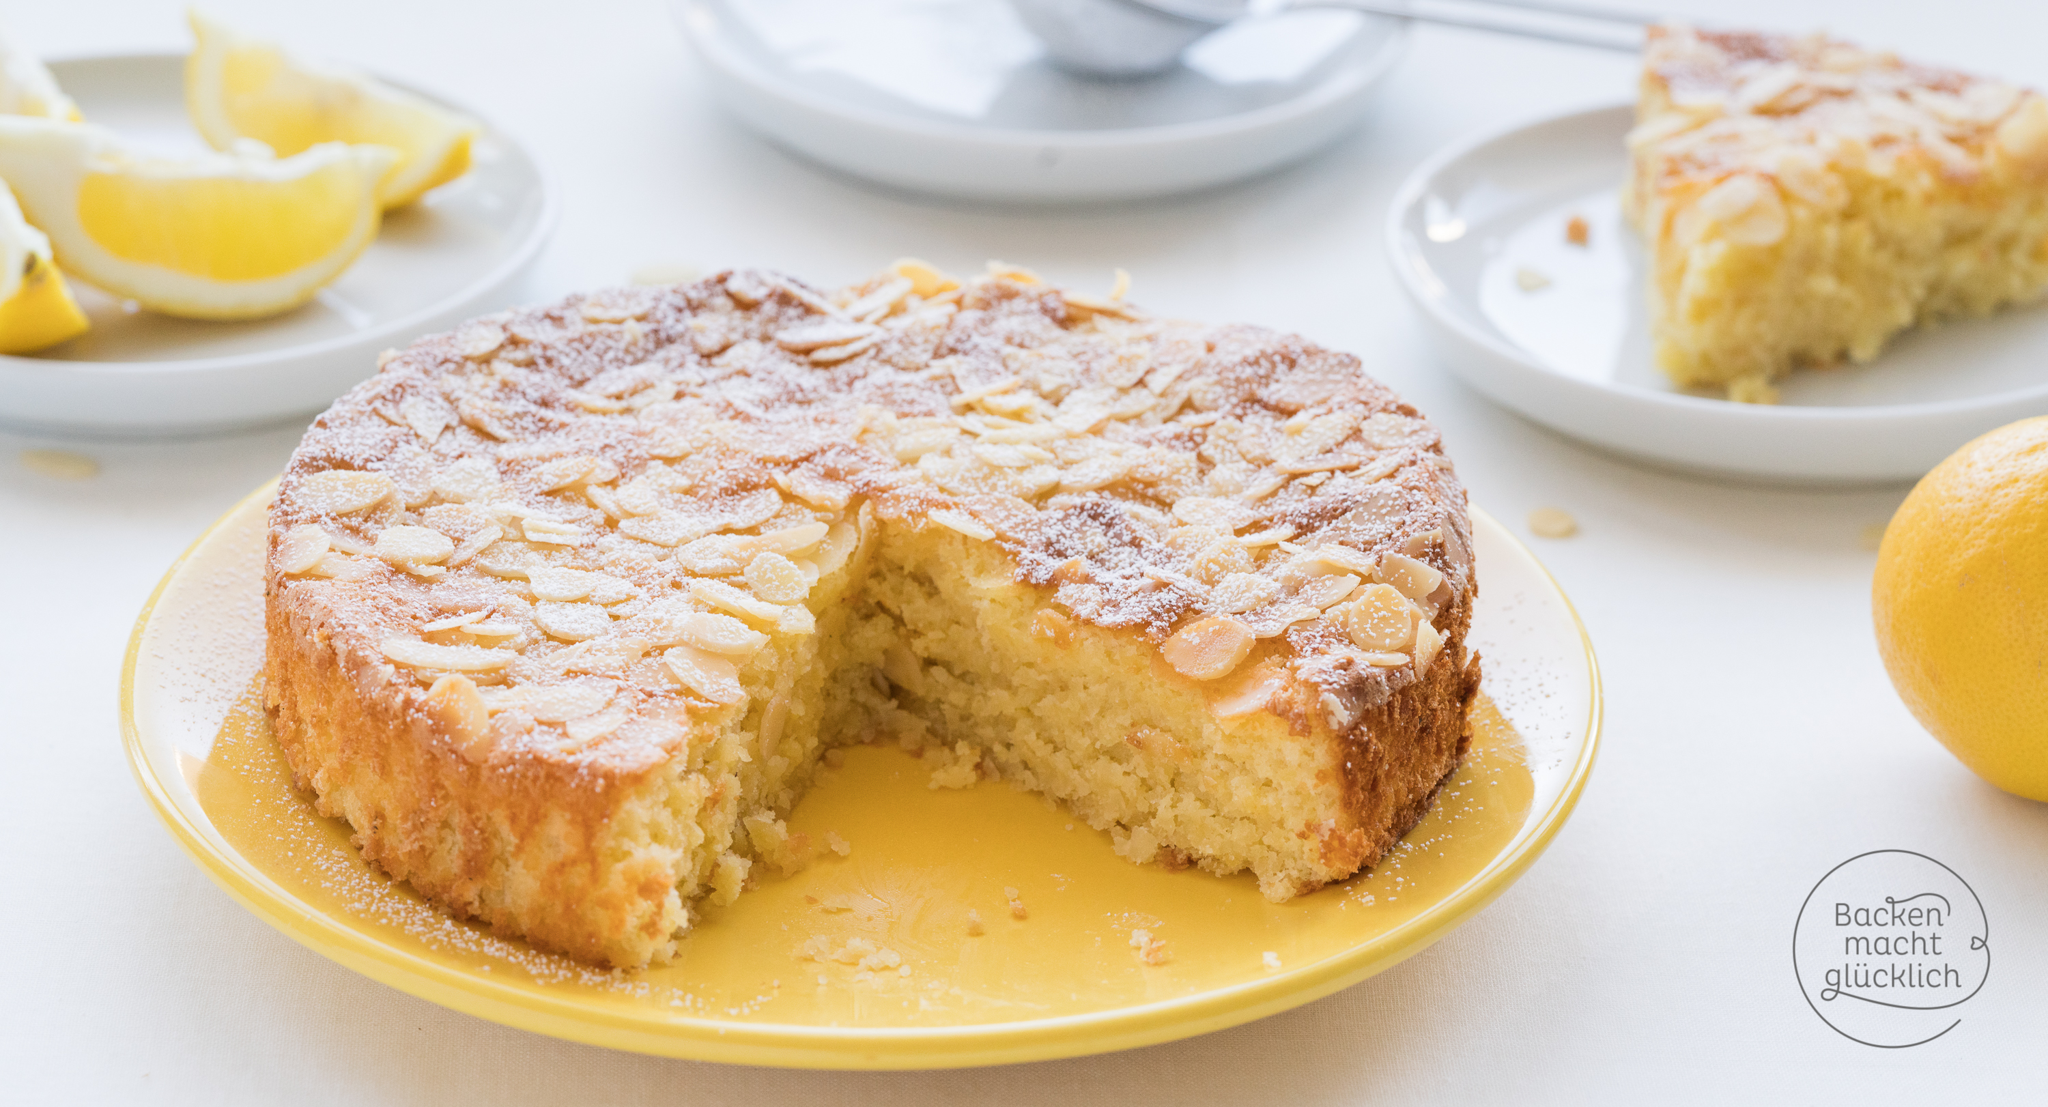 Saftiger Zitronen-Mandel-Kuchen ohne Mehl  Backen macht glücklich